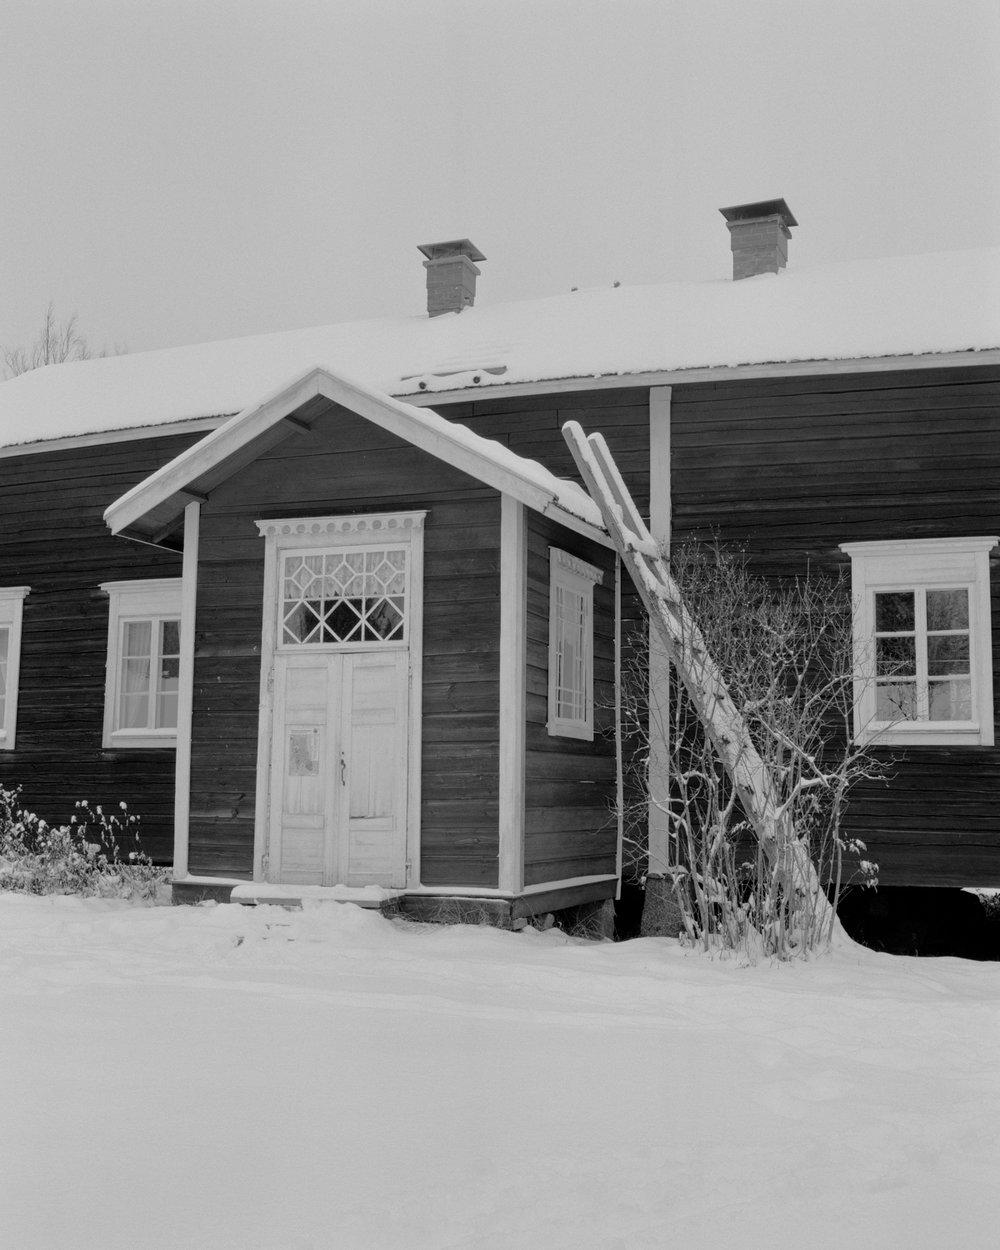 Kovero #2. Seitseminen, Finland, 2017.